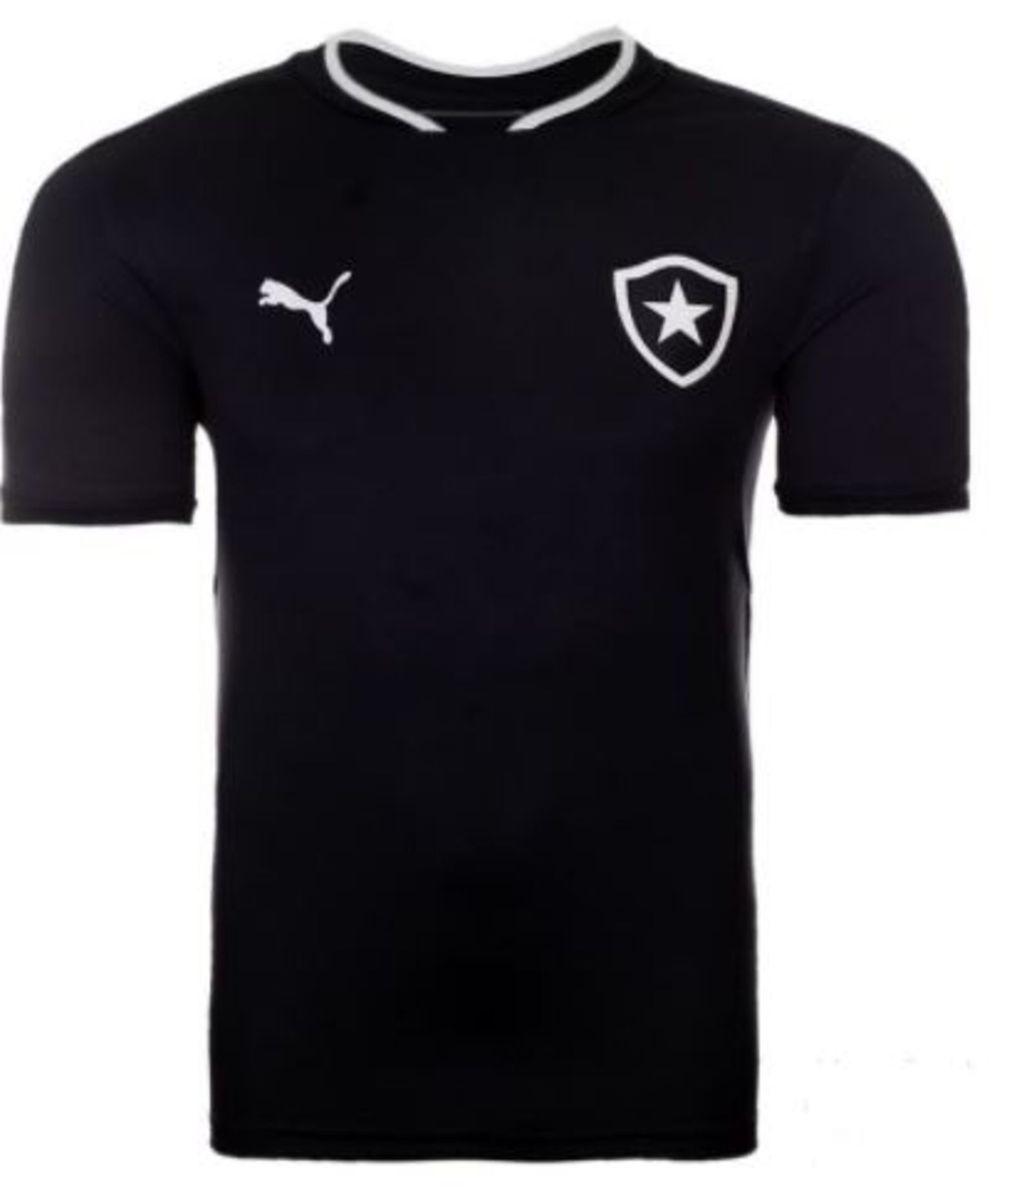 dabf213cd1fb2 camisa oficial botafogo 2015 - nova! - esportes puma